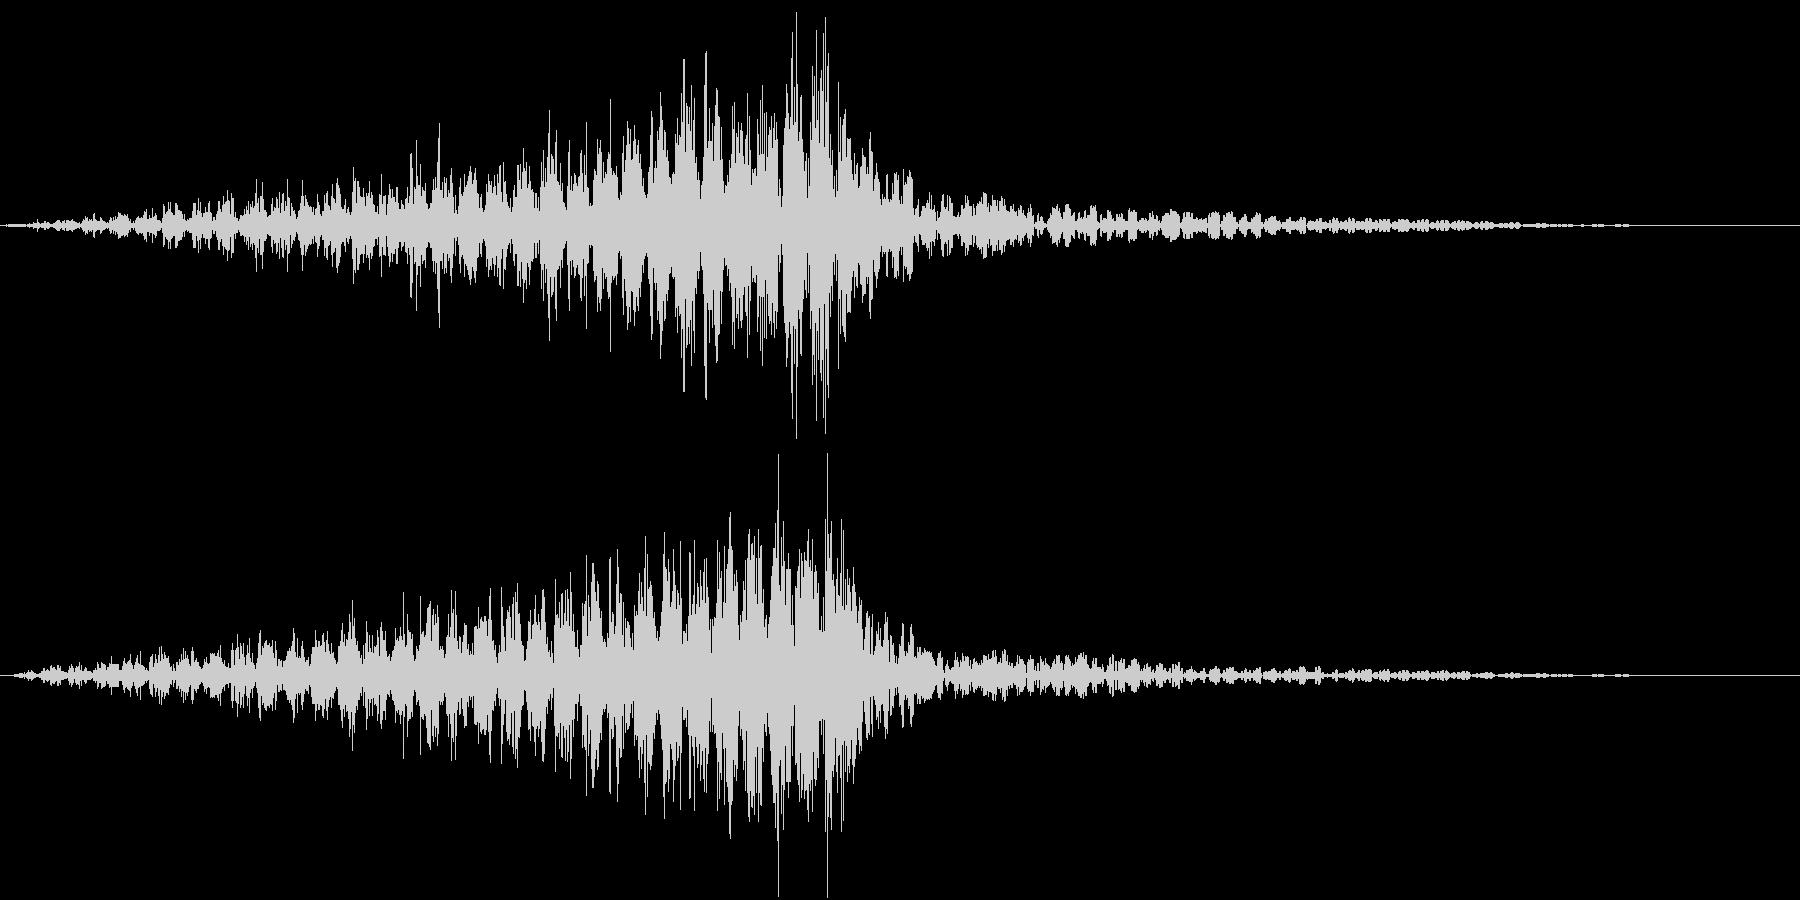 力の下で響くノイズの未再生の波形